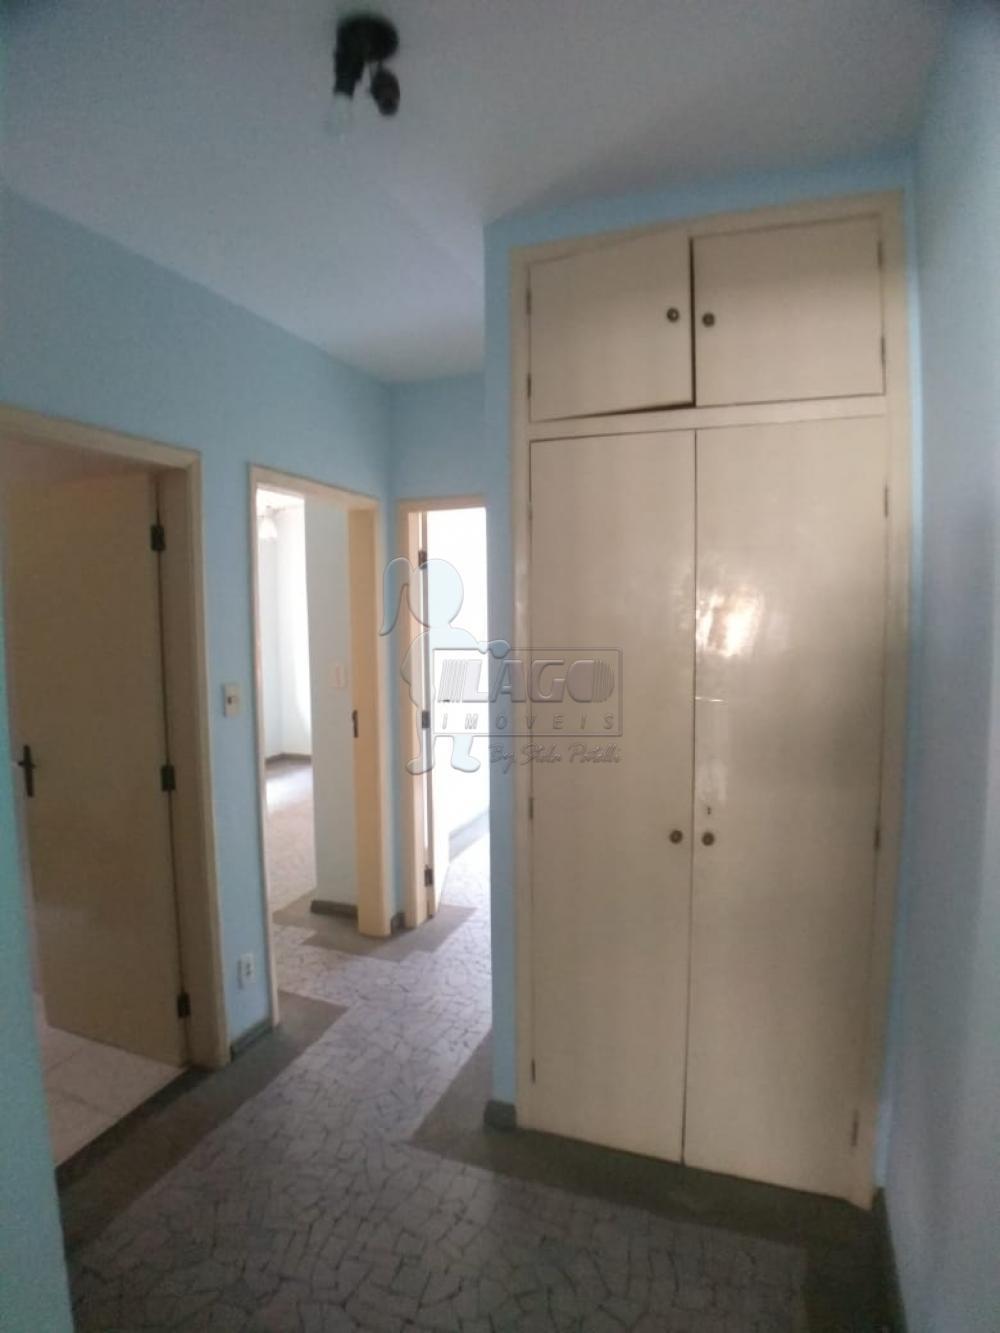 Alugar Casas / Padrão em Ribeirão Preto apenas R$ 1.800,00 - Foto 18